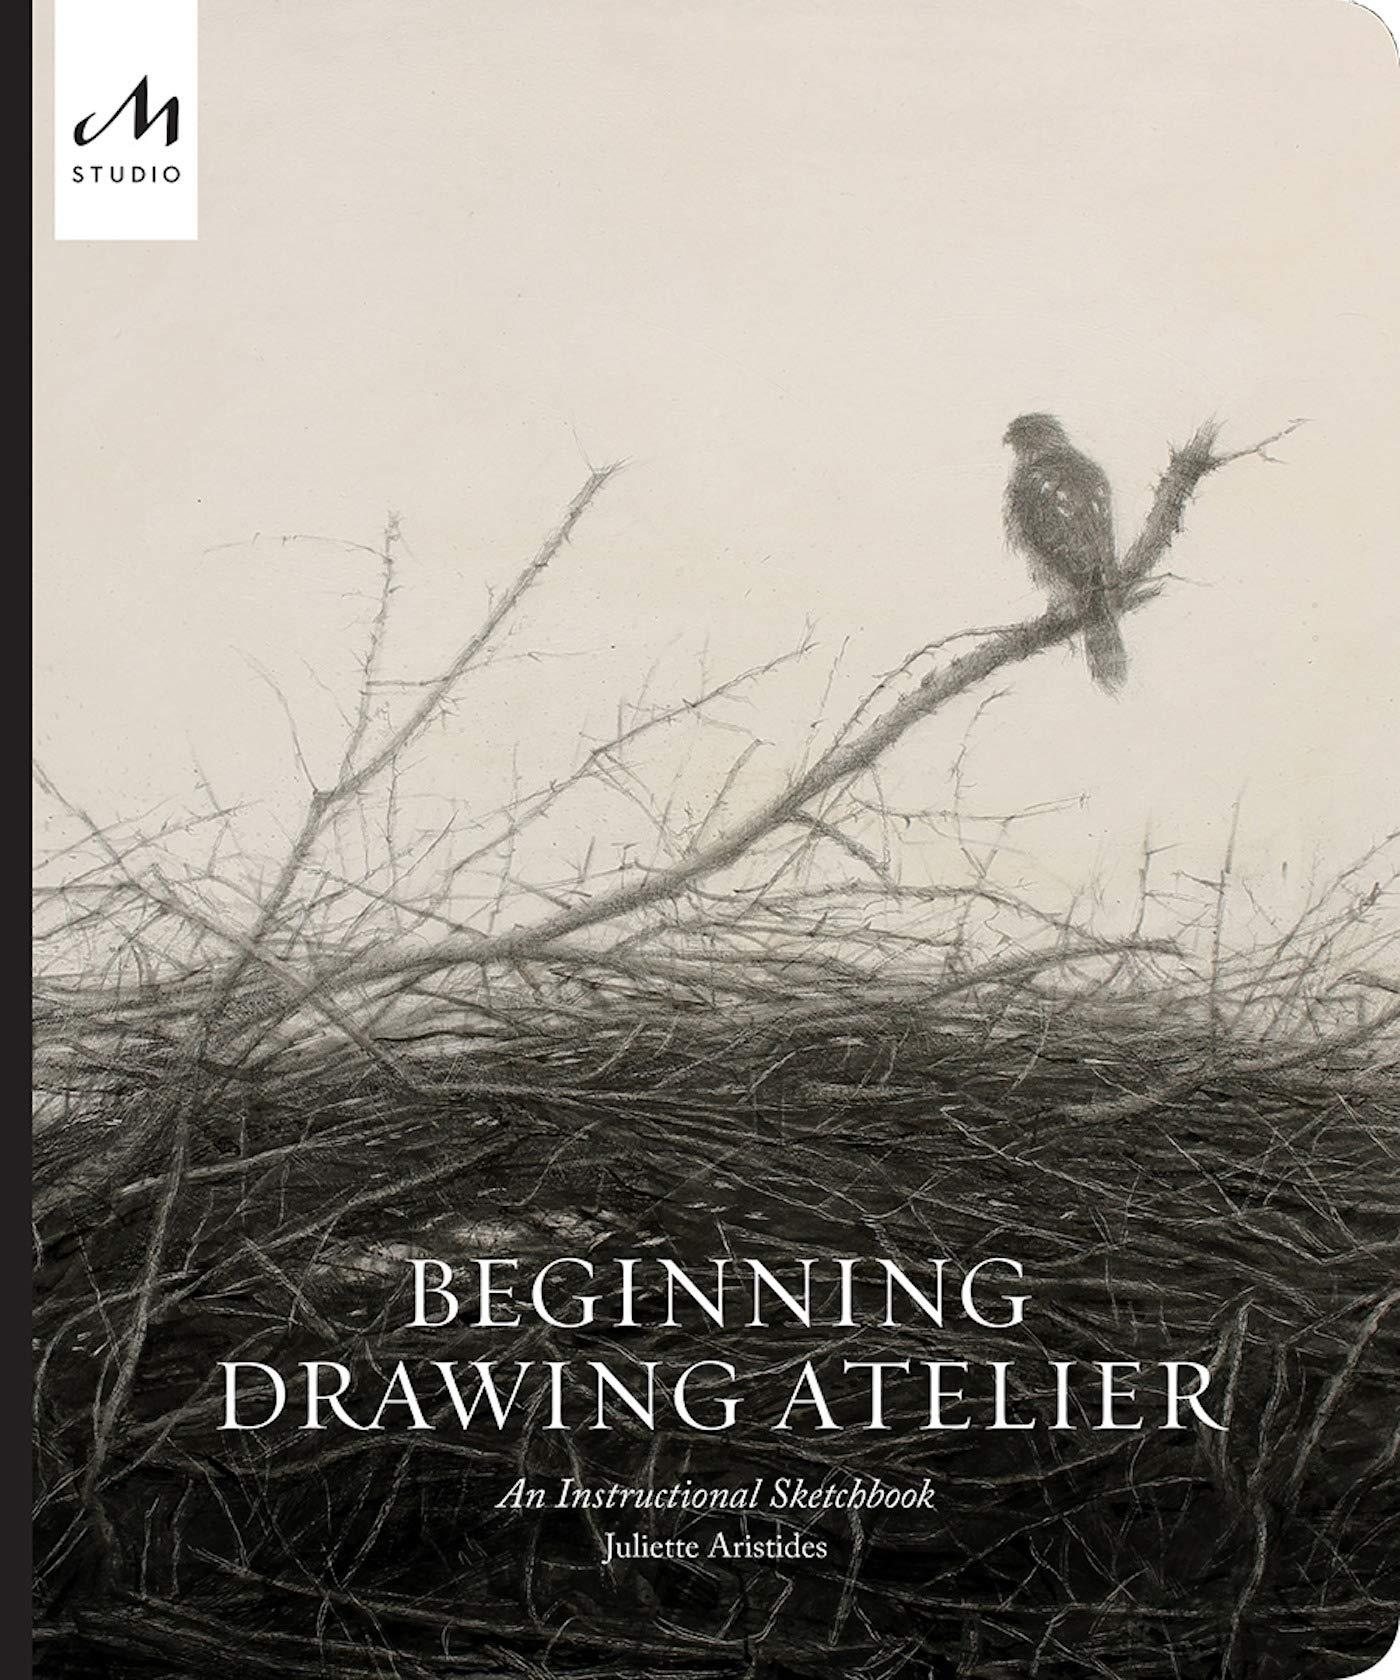 Beginning Drawing Atelier  An Instructional Sketchbook